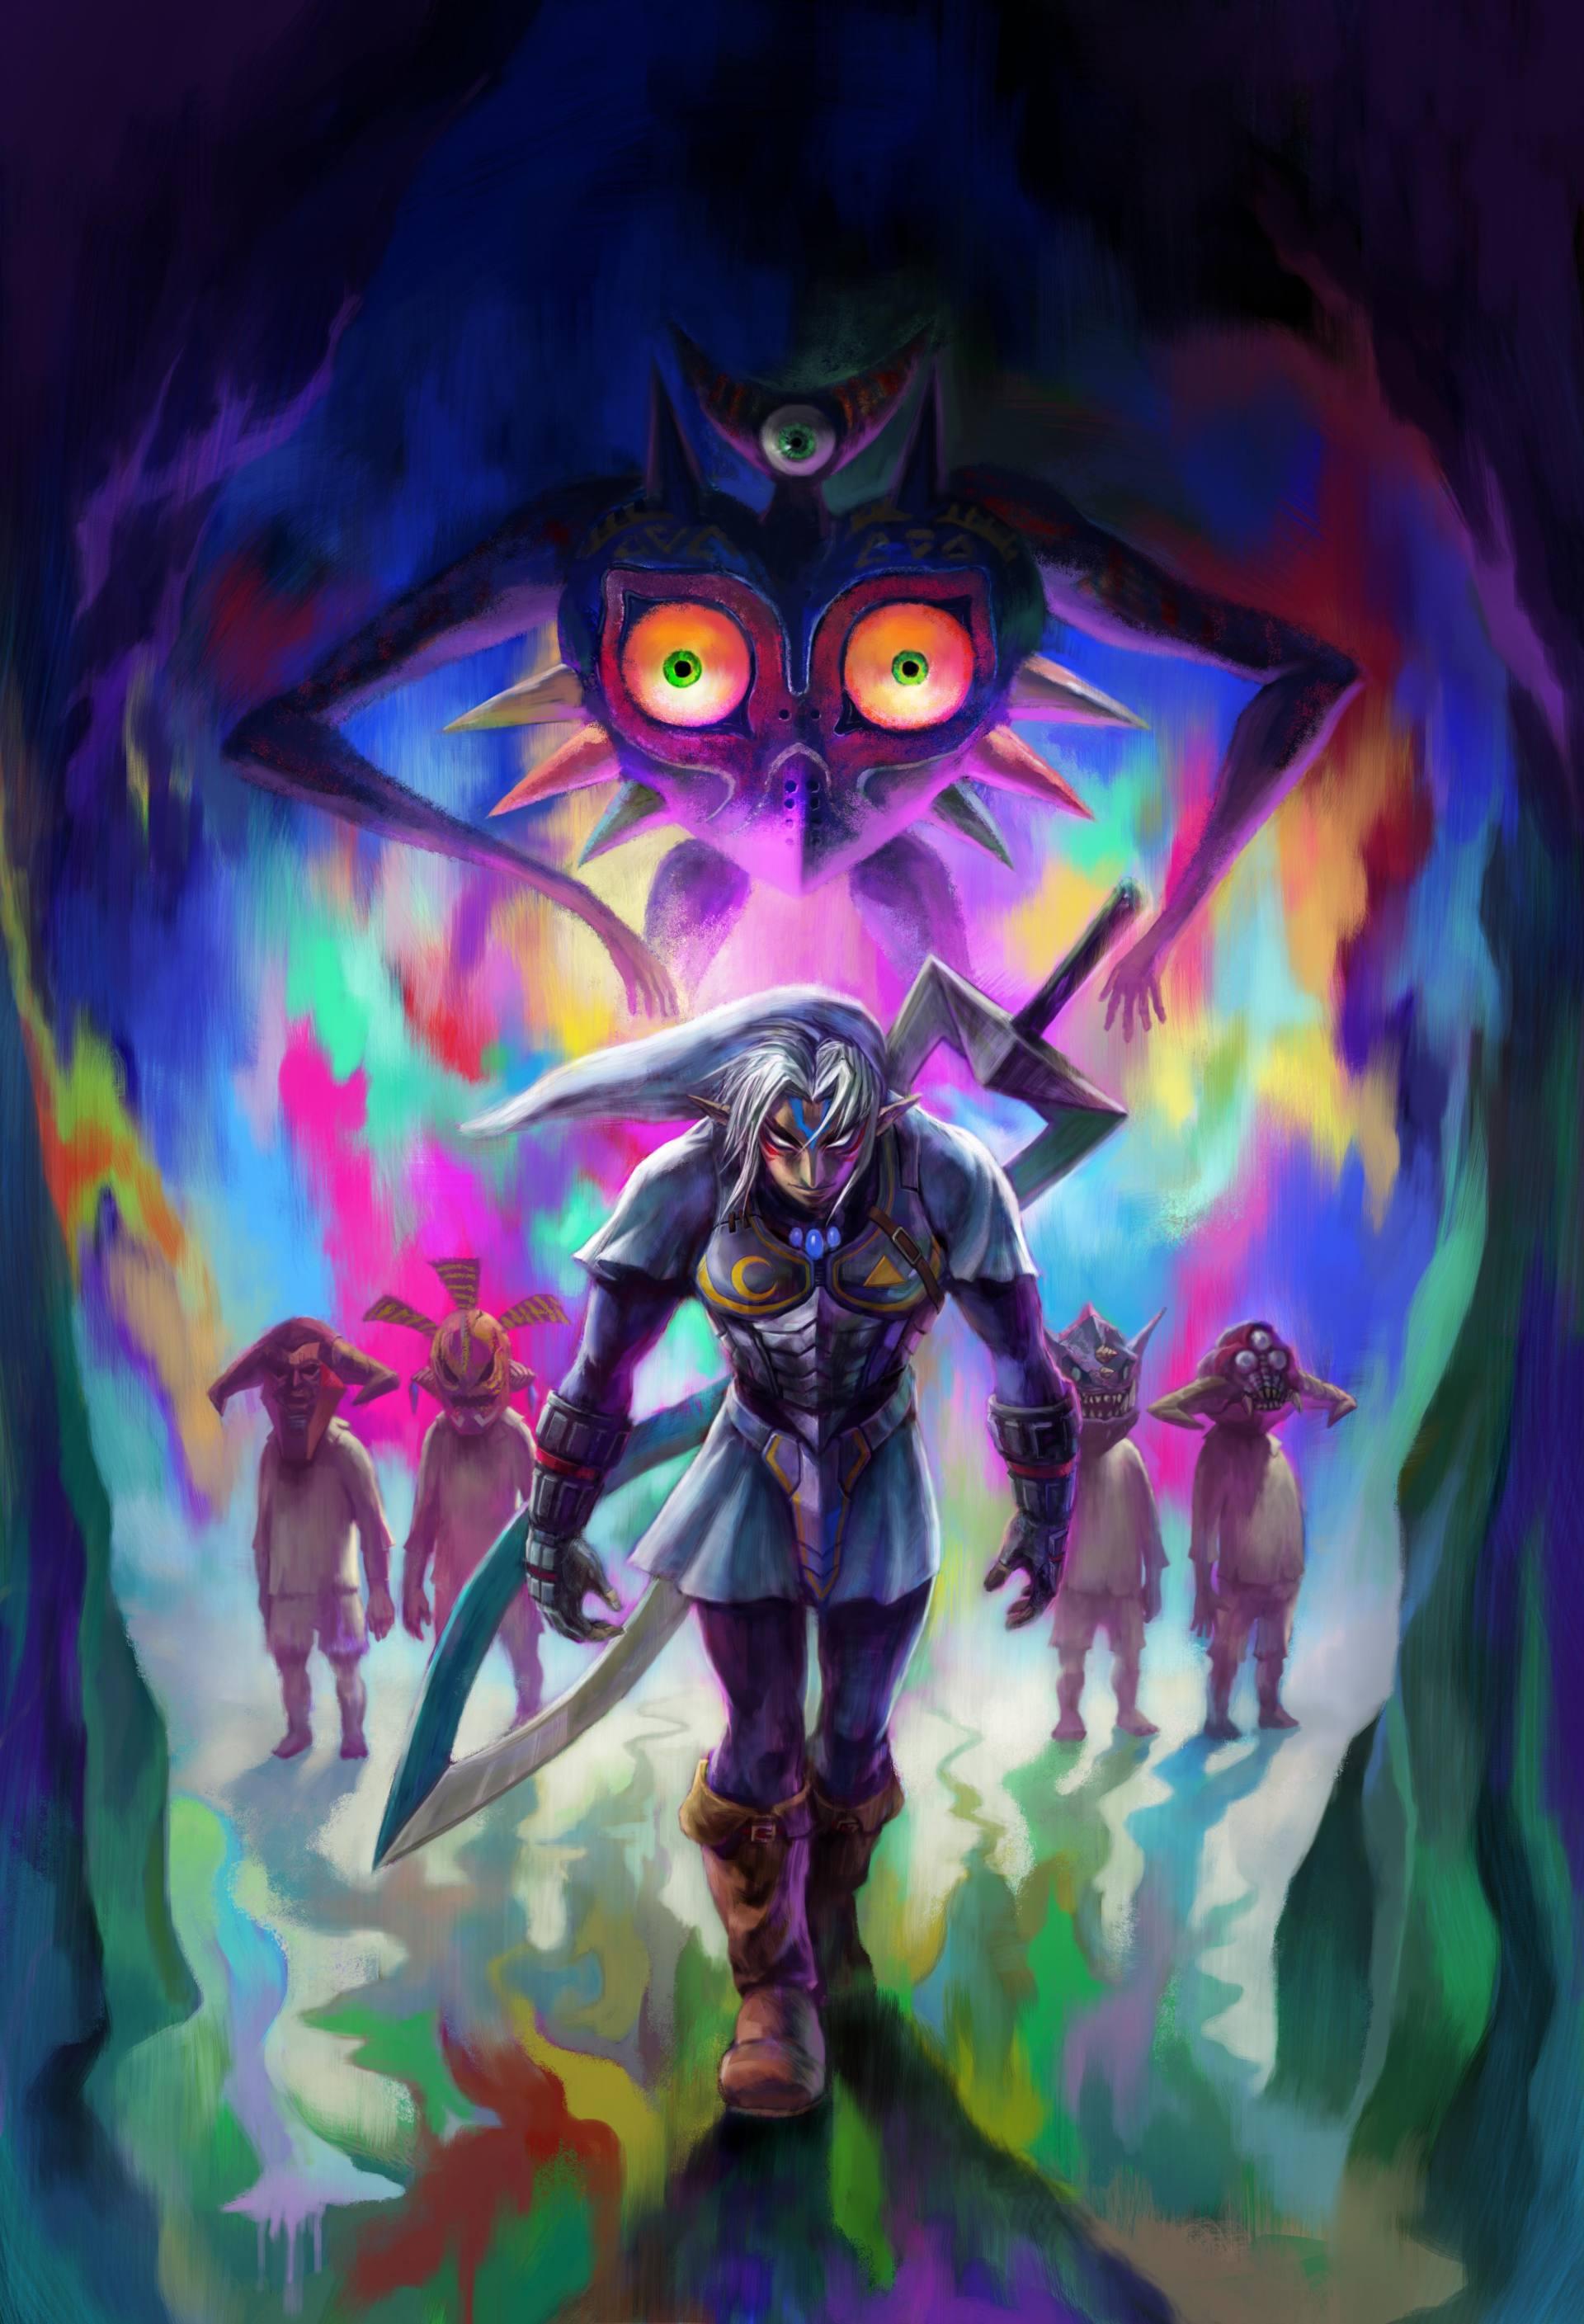 The Legend of Zelda Majora's Mask 3D 14-01-15 025